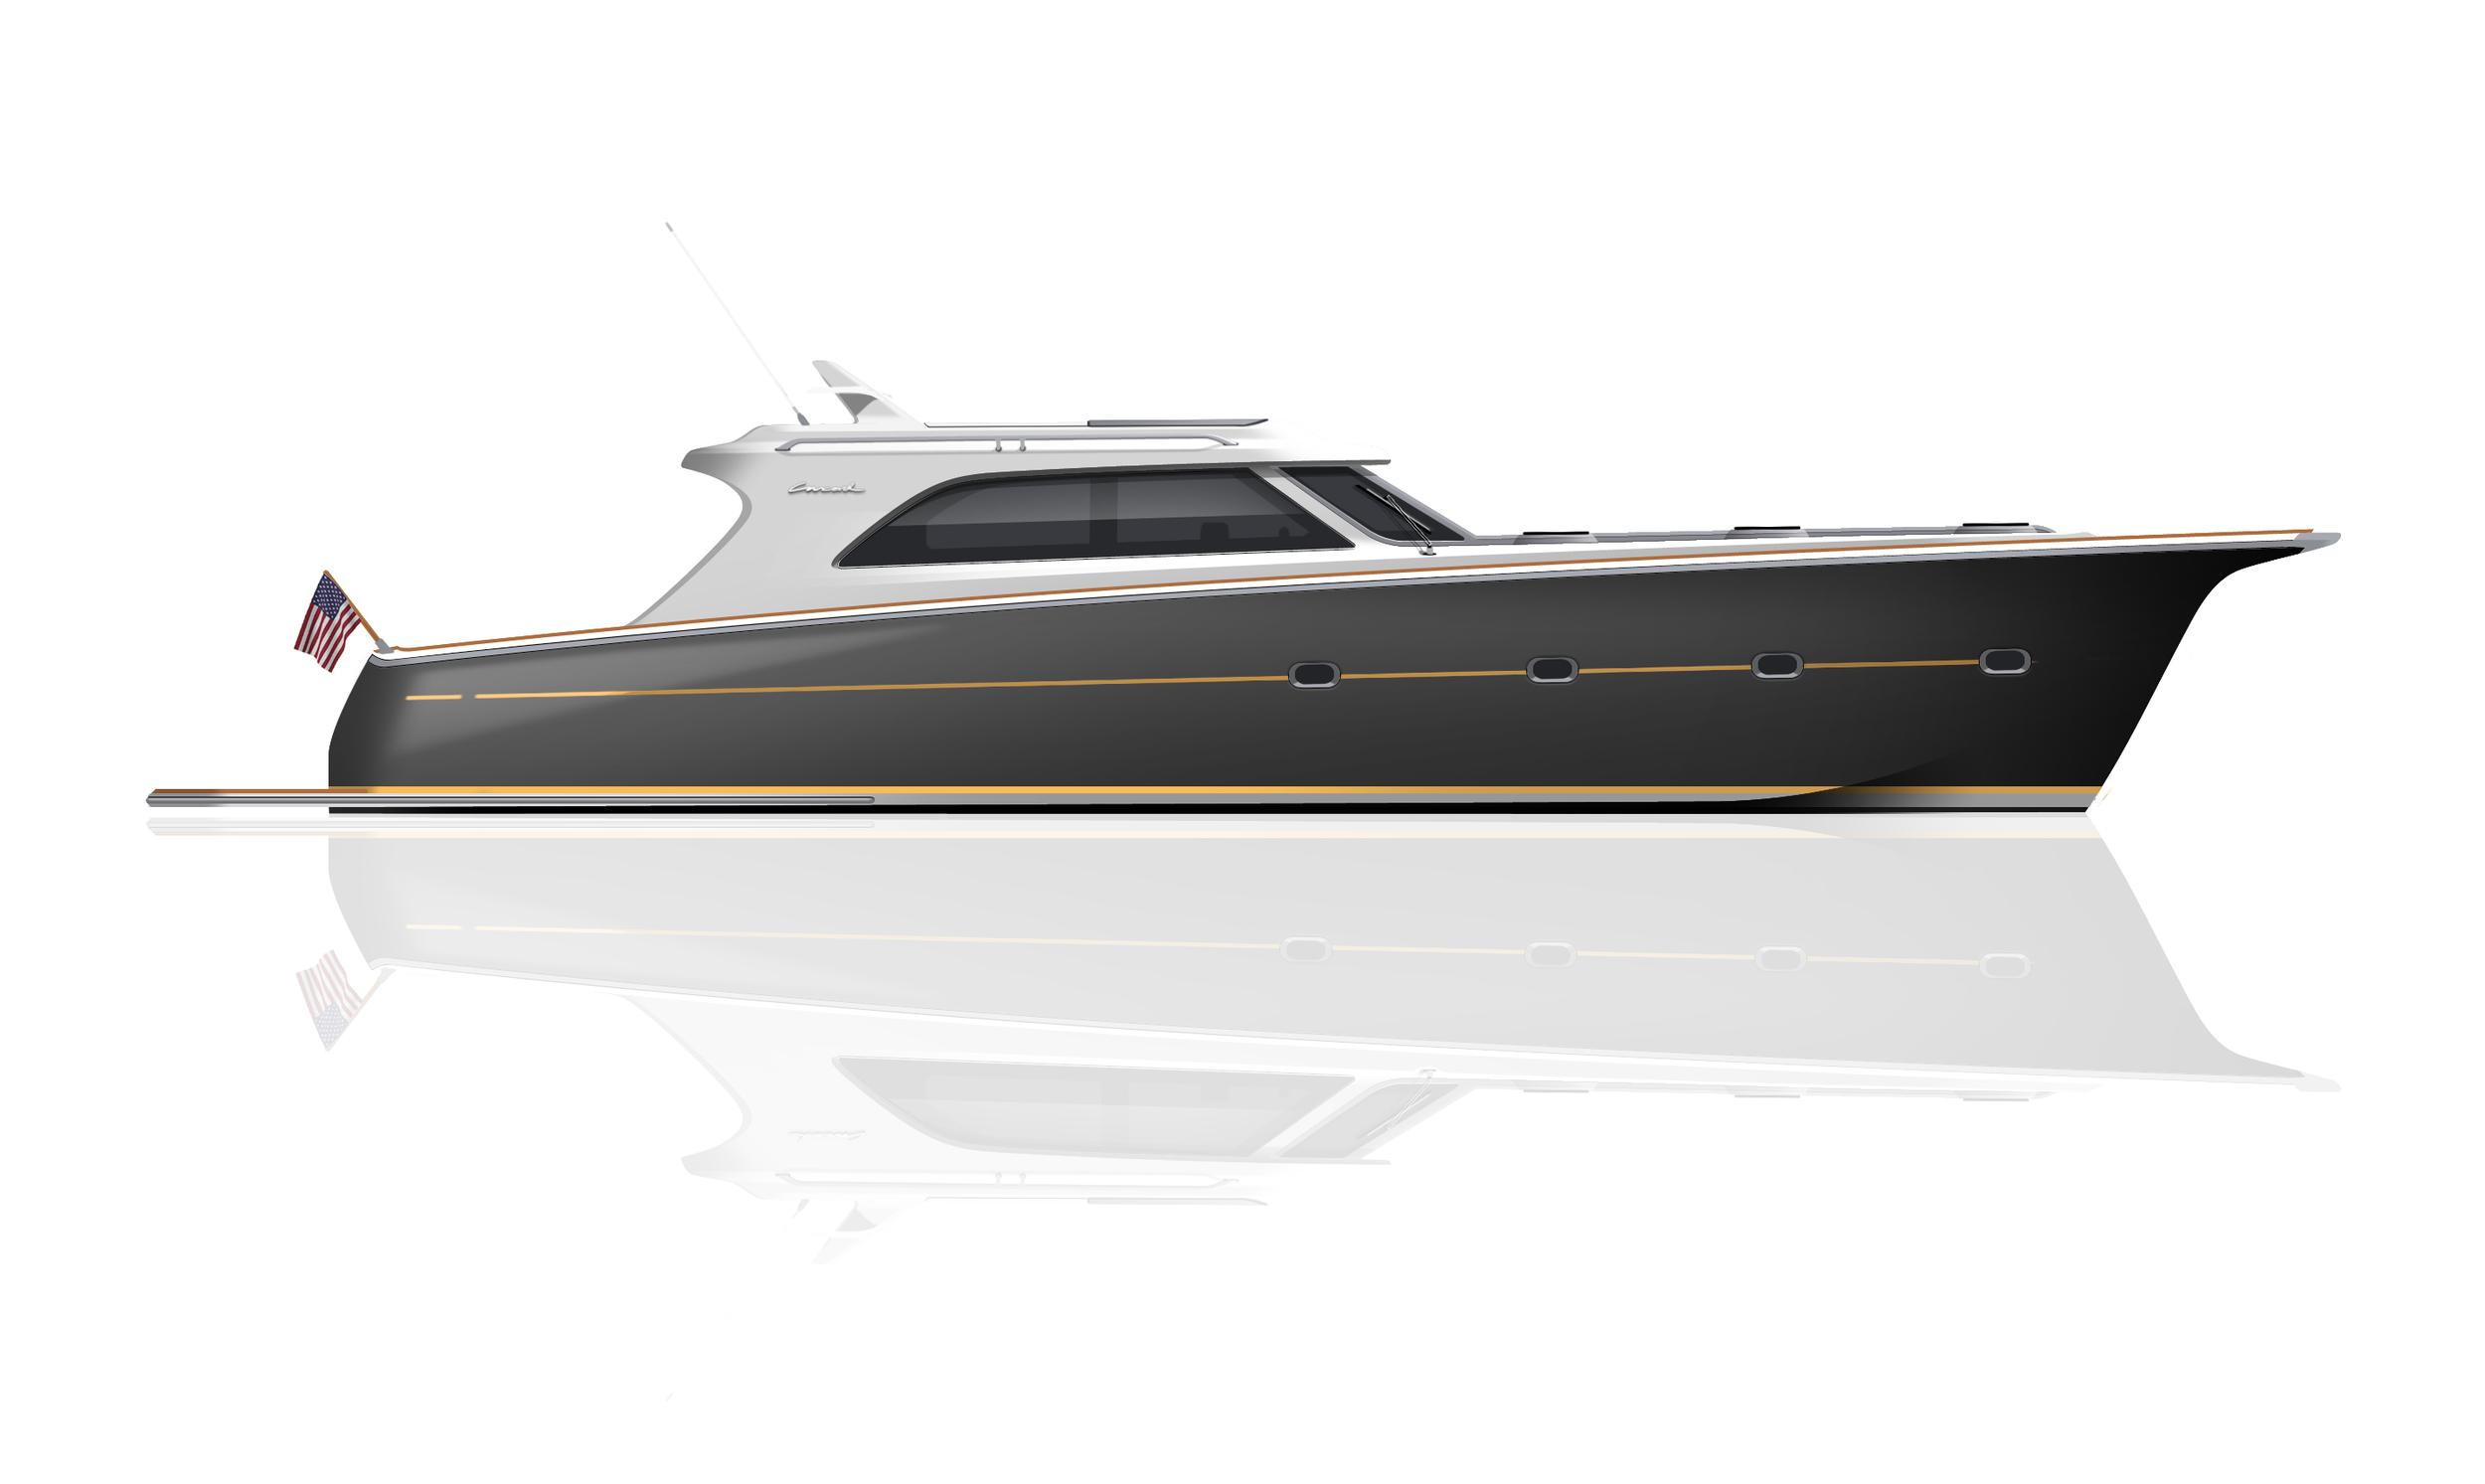 Starboard side elevation